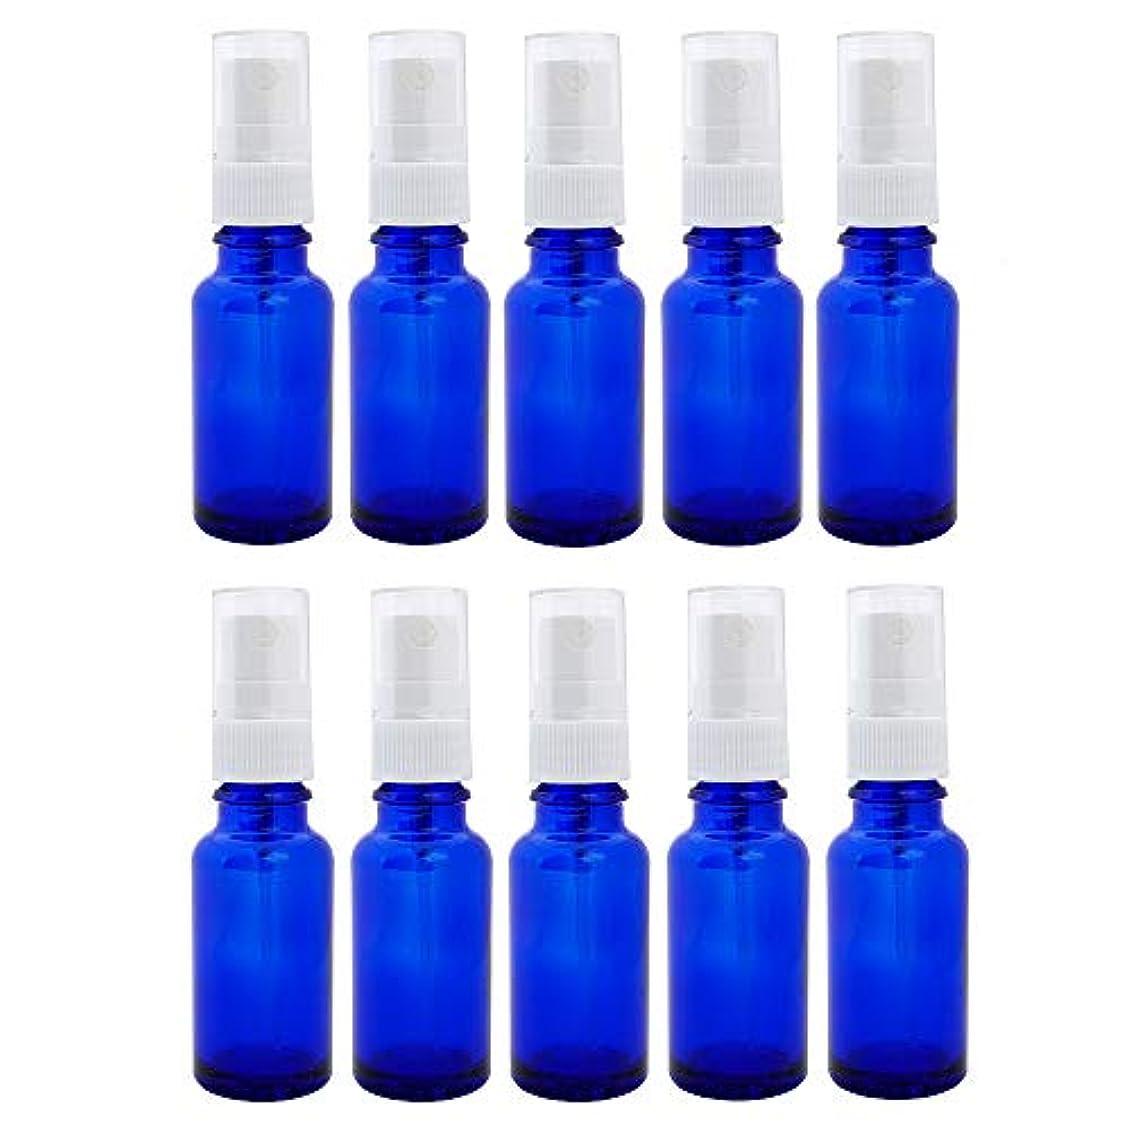 航海の騒スパークスプレー遮光ビン 20ml 瓶 10本セット ブルー(スプレーノズル キャップ付)